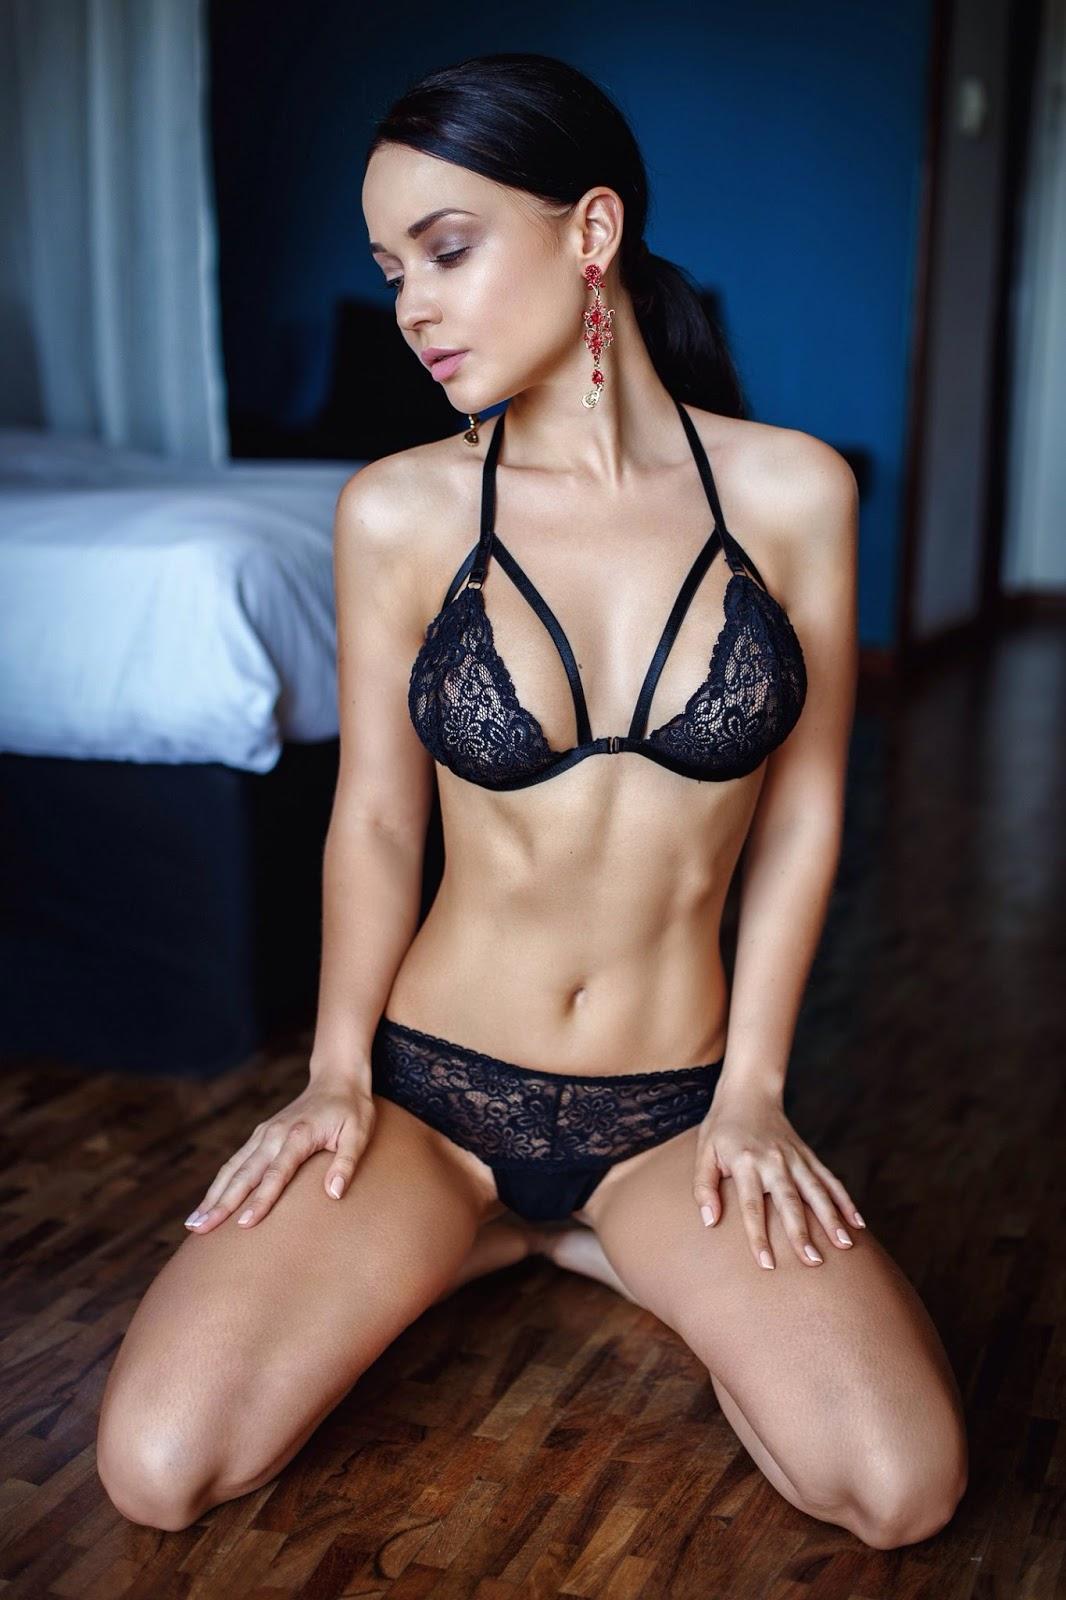 ukrainian dating website